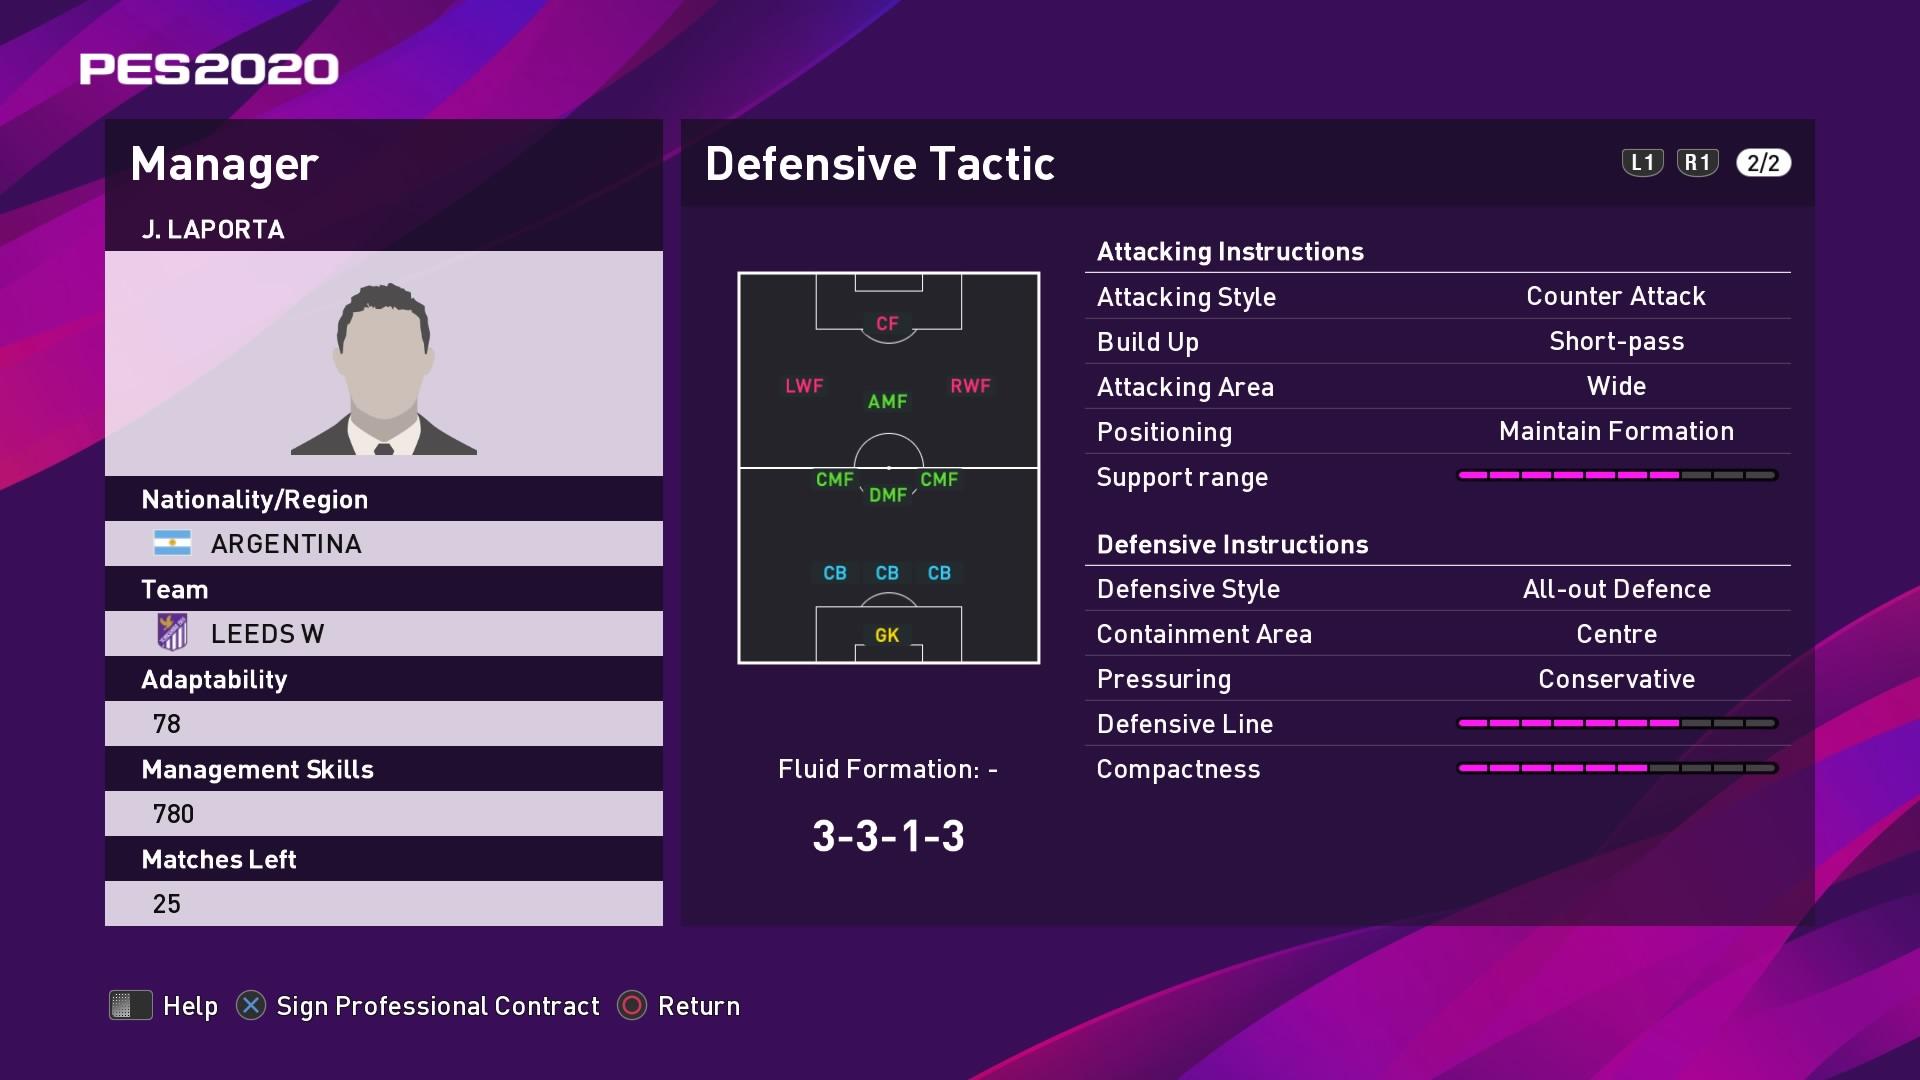 J. Laporta (Marcelo Bielsa) Defensive Tactic in PES 2020 myClub